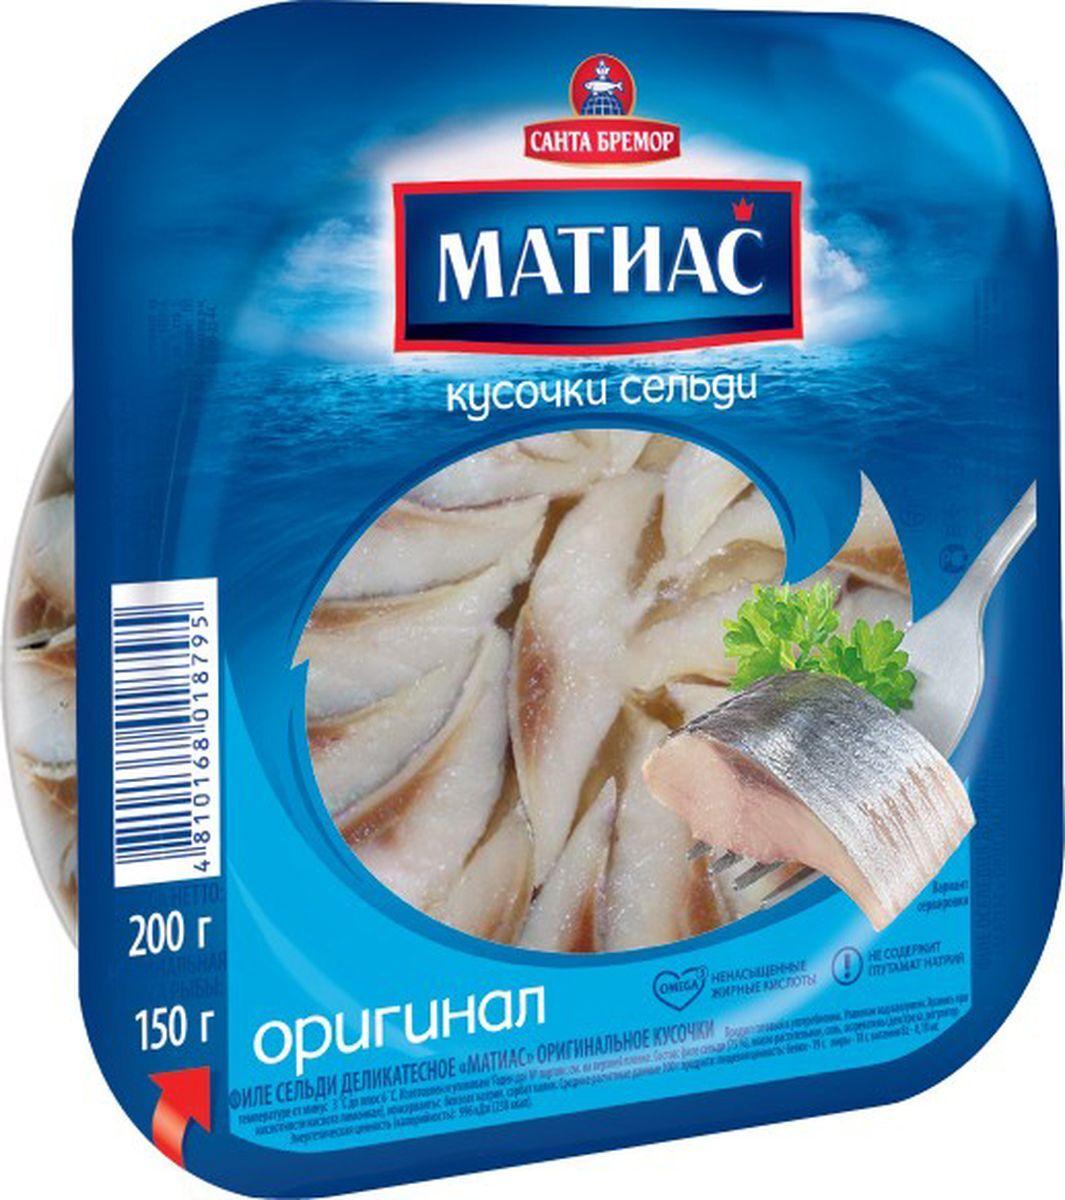 Соленая рыба Санта Бремор Филе-кусочки сельди Матиас Оригинал, слабосоленые, в масле, 200 г Санта Бремор